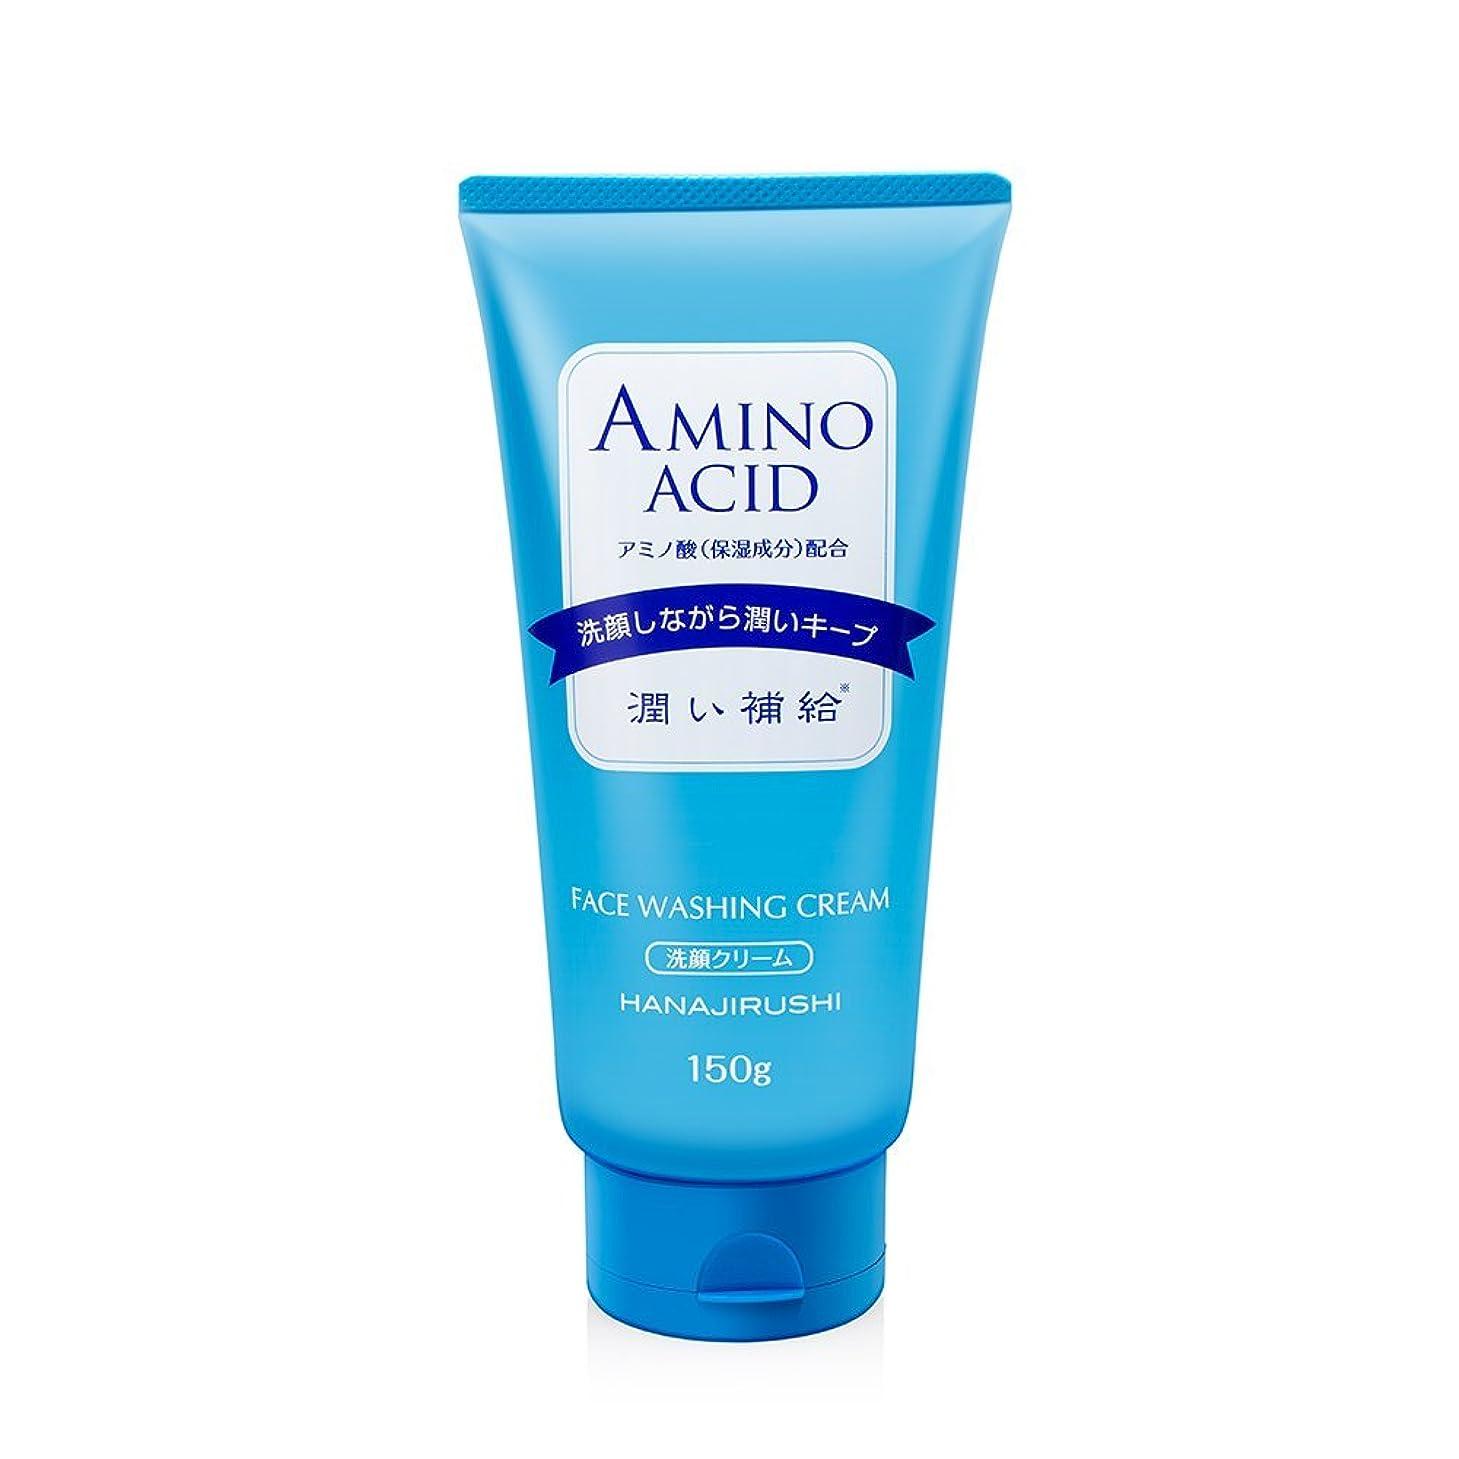 集中的な満足させる曲がった花印 保湿補水洗顔クリーム 150g